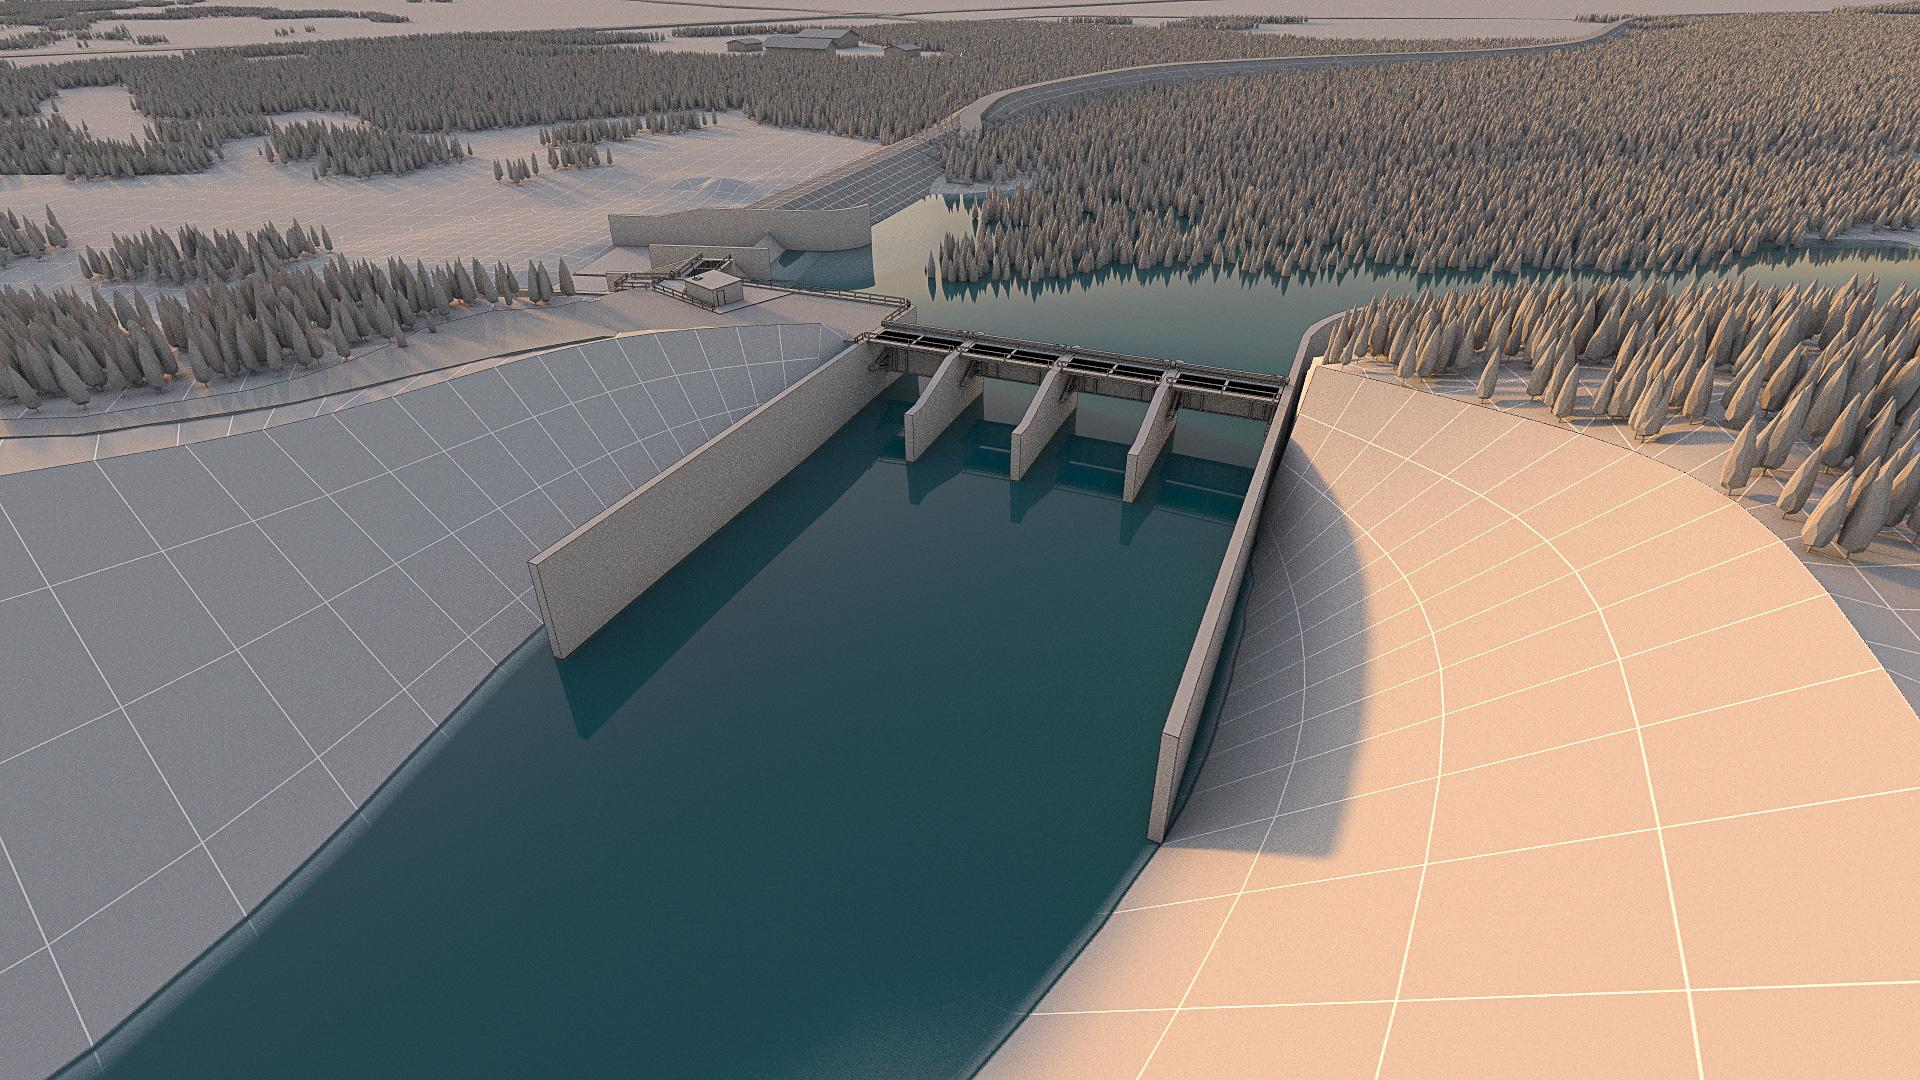 Springbank-off-stream-reservoir-Renderings-02.jpg